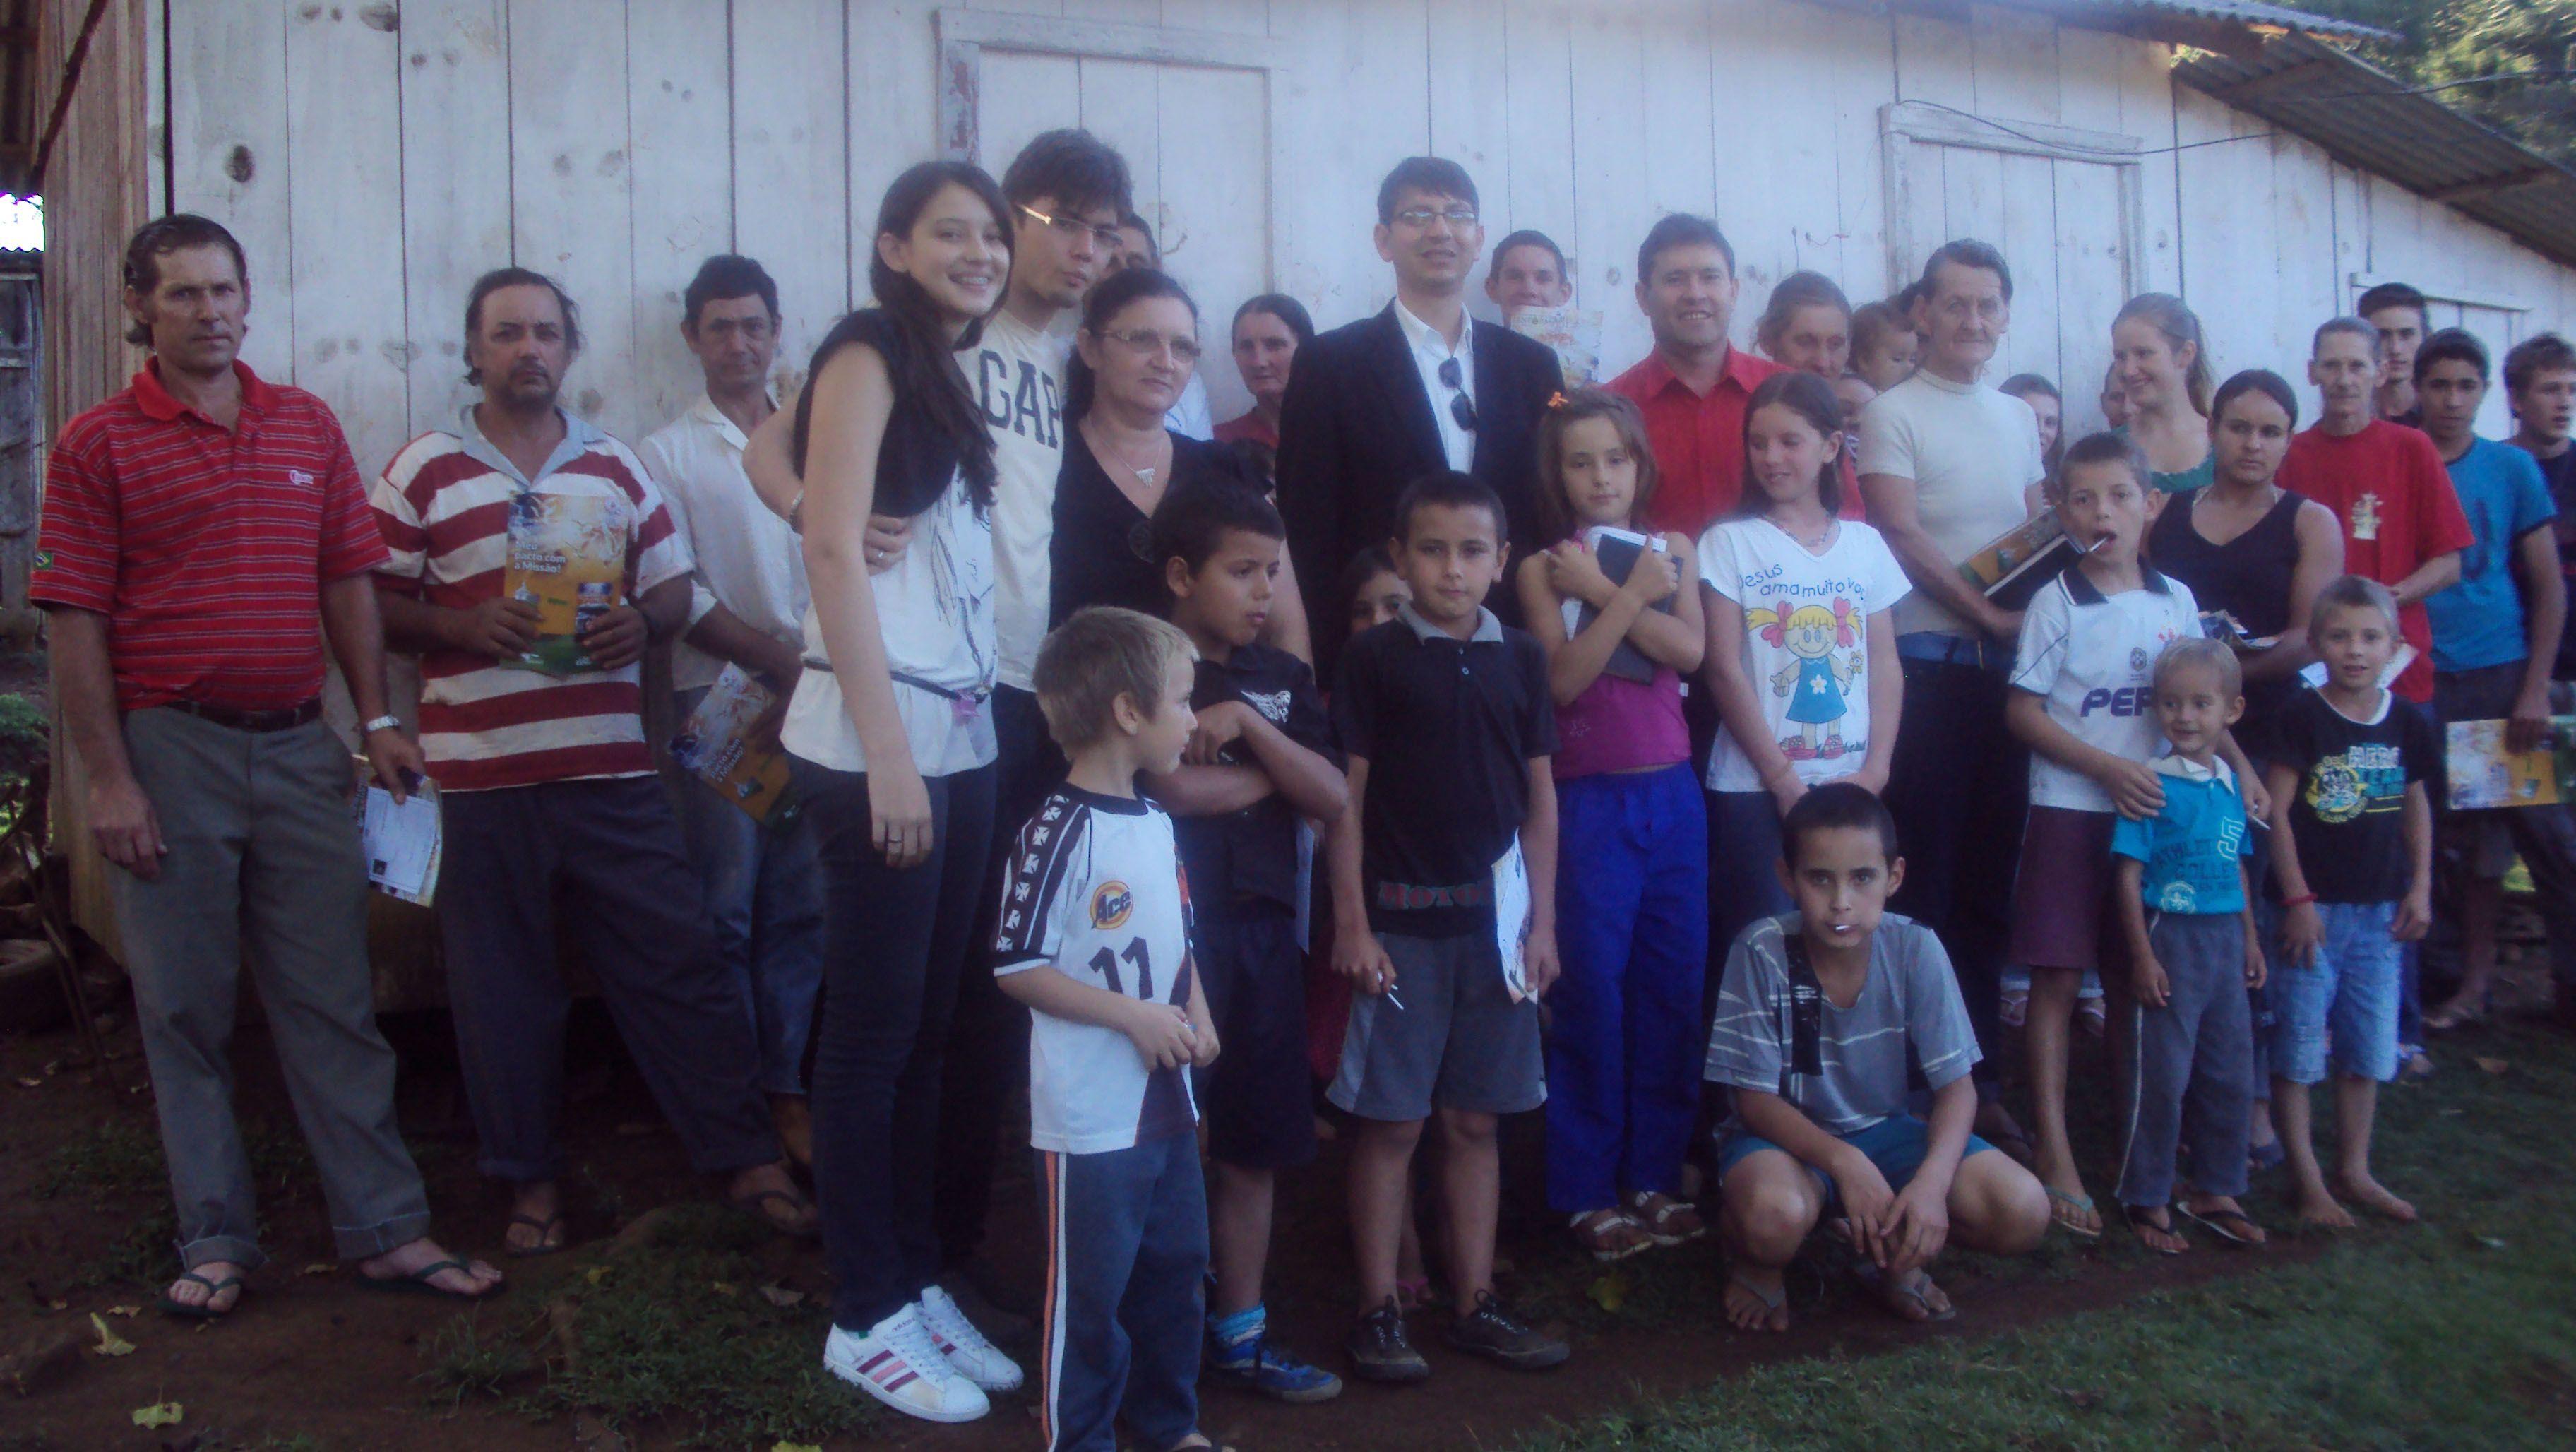 Antônio Lourenço levou a mensagem para amigos e familiares.